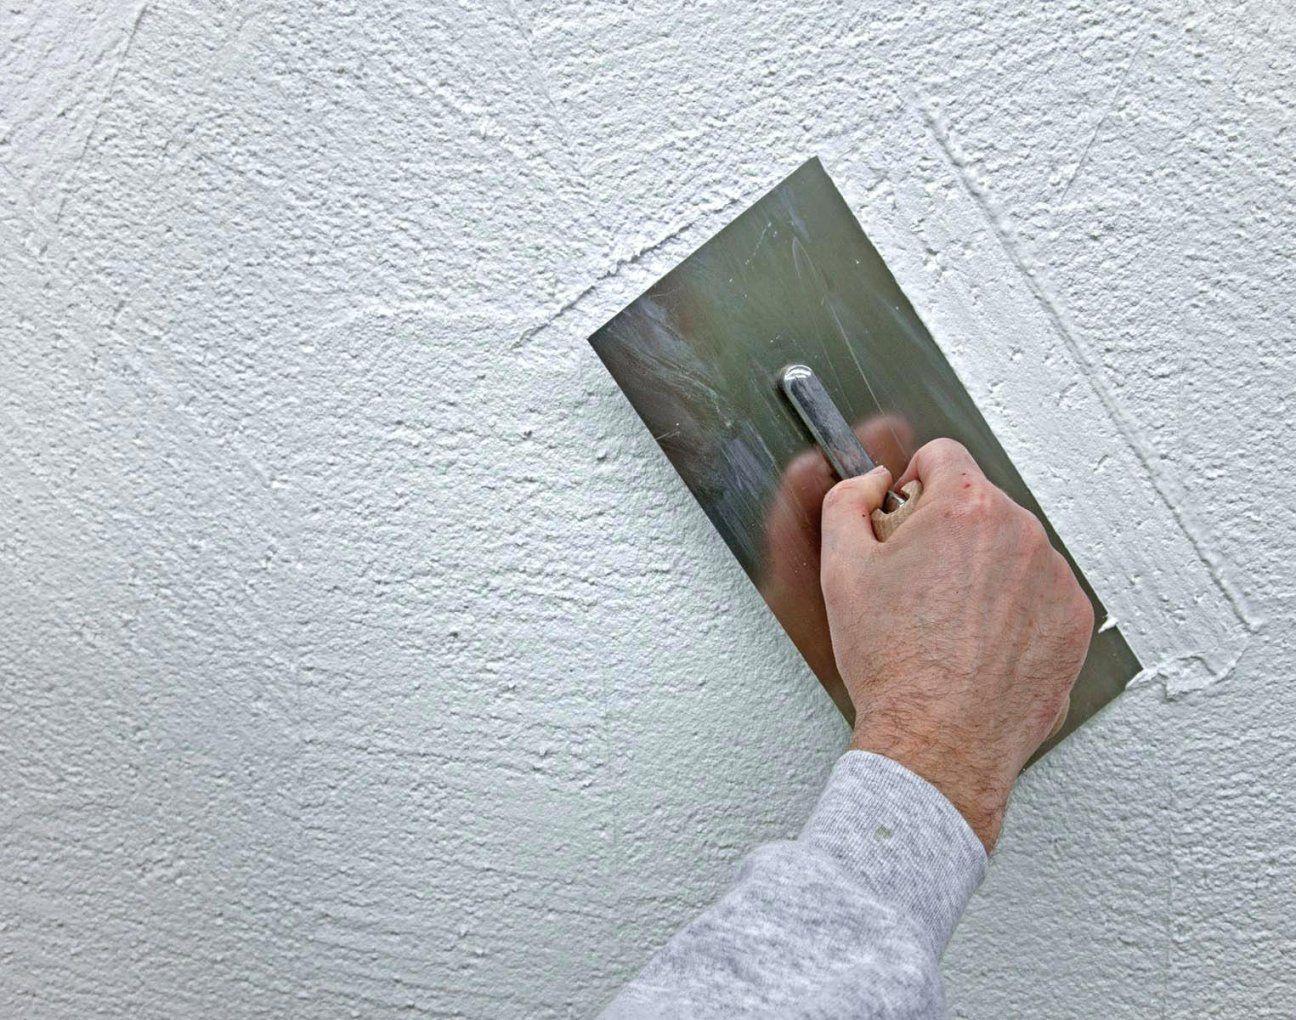 Putz Schleifen Wunderbar Wand Herrlich Rotweinflecken An Weiaer von Rotweinflecken An Der Wand Photo